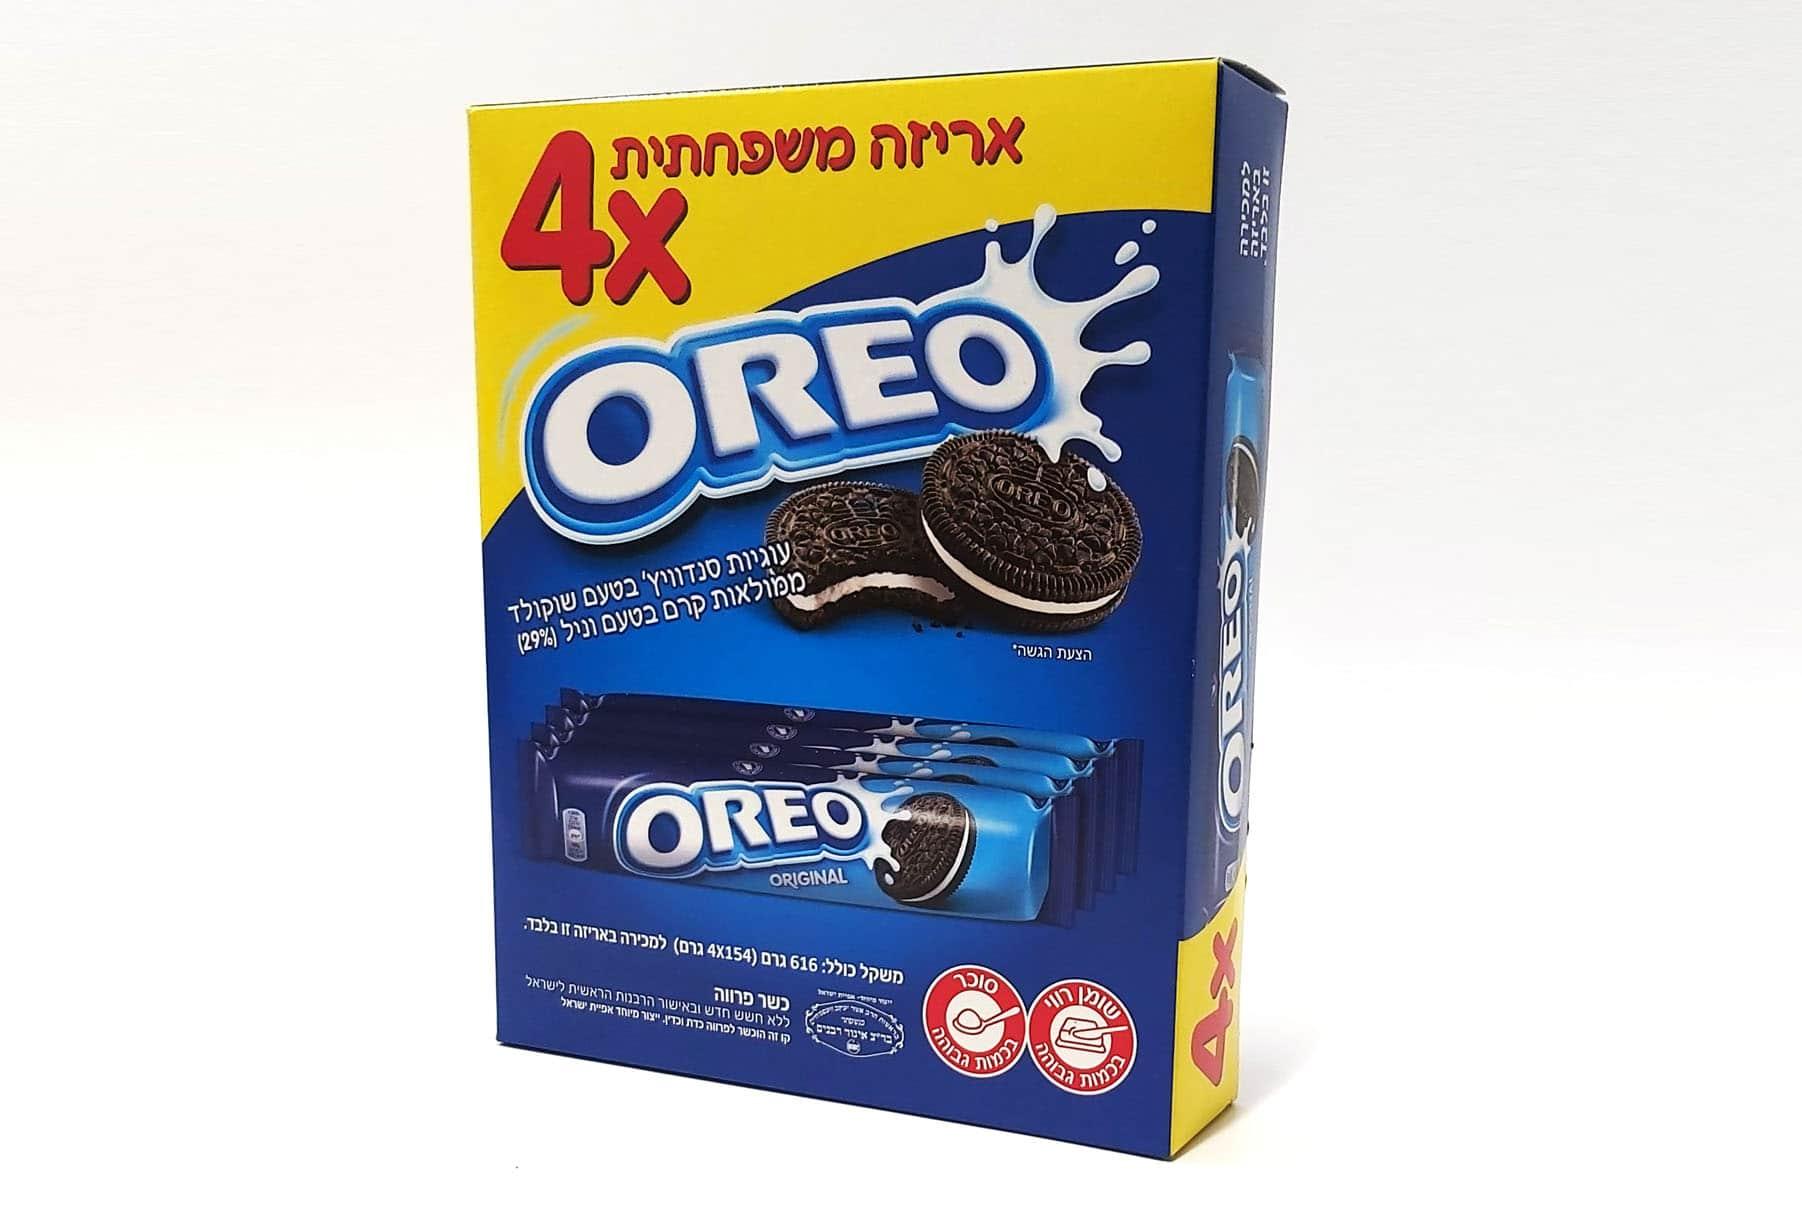 אריזות מזון ייחודיות בצבע כחול וצהוב נוצרו עבור OREO, עוגיית סנדוויץ' בטעם שוקולד.